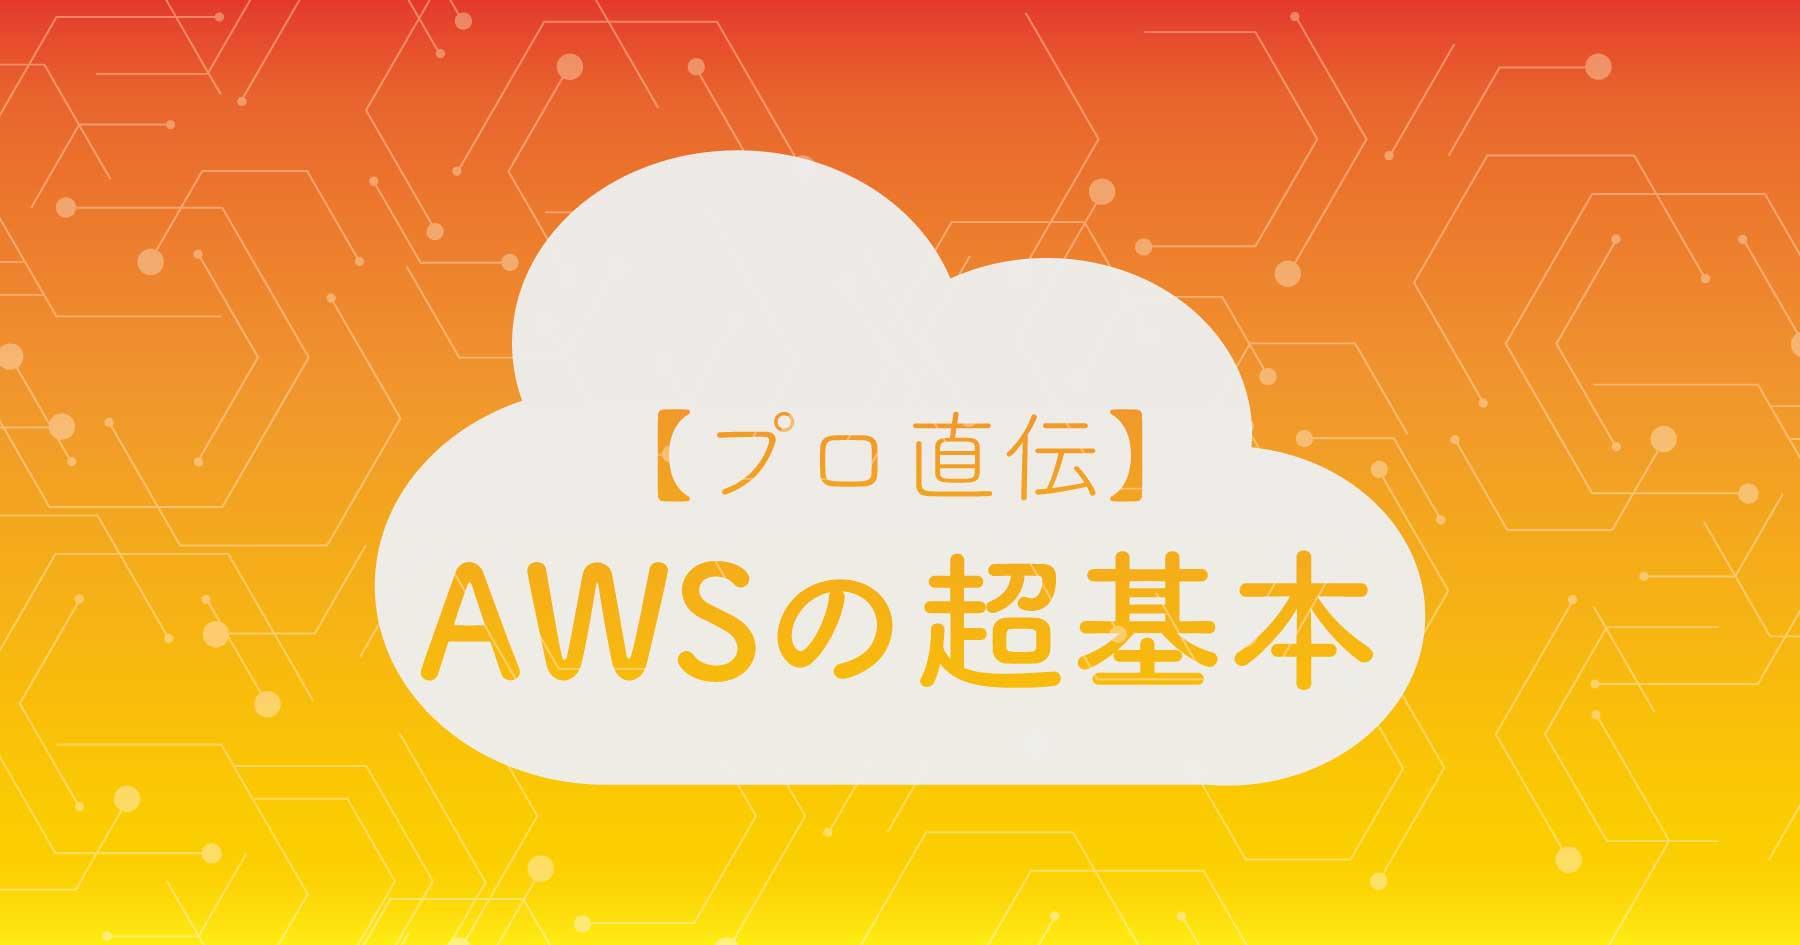 AWSに関するありがちミスとその対策〜EC2、S3、RDS、Lambda